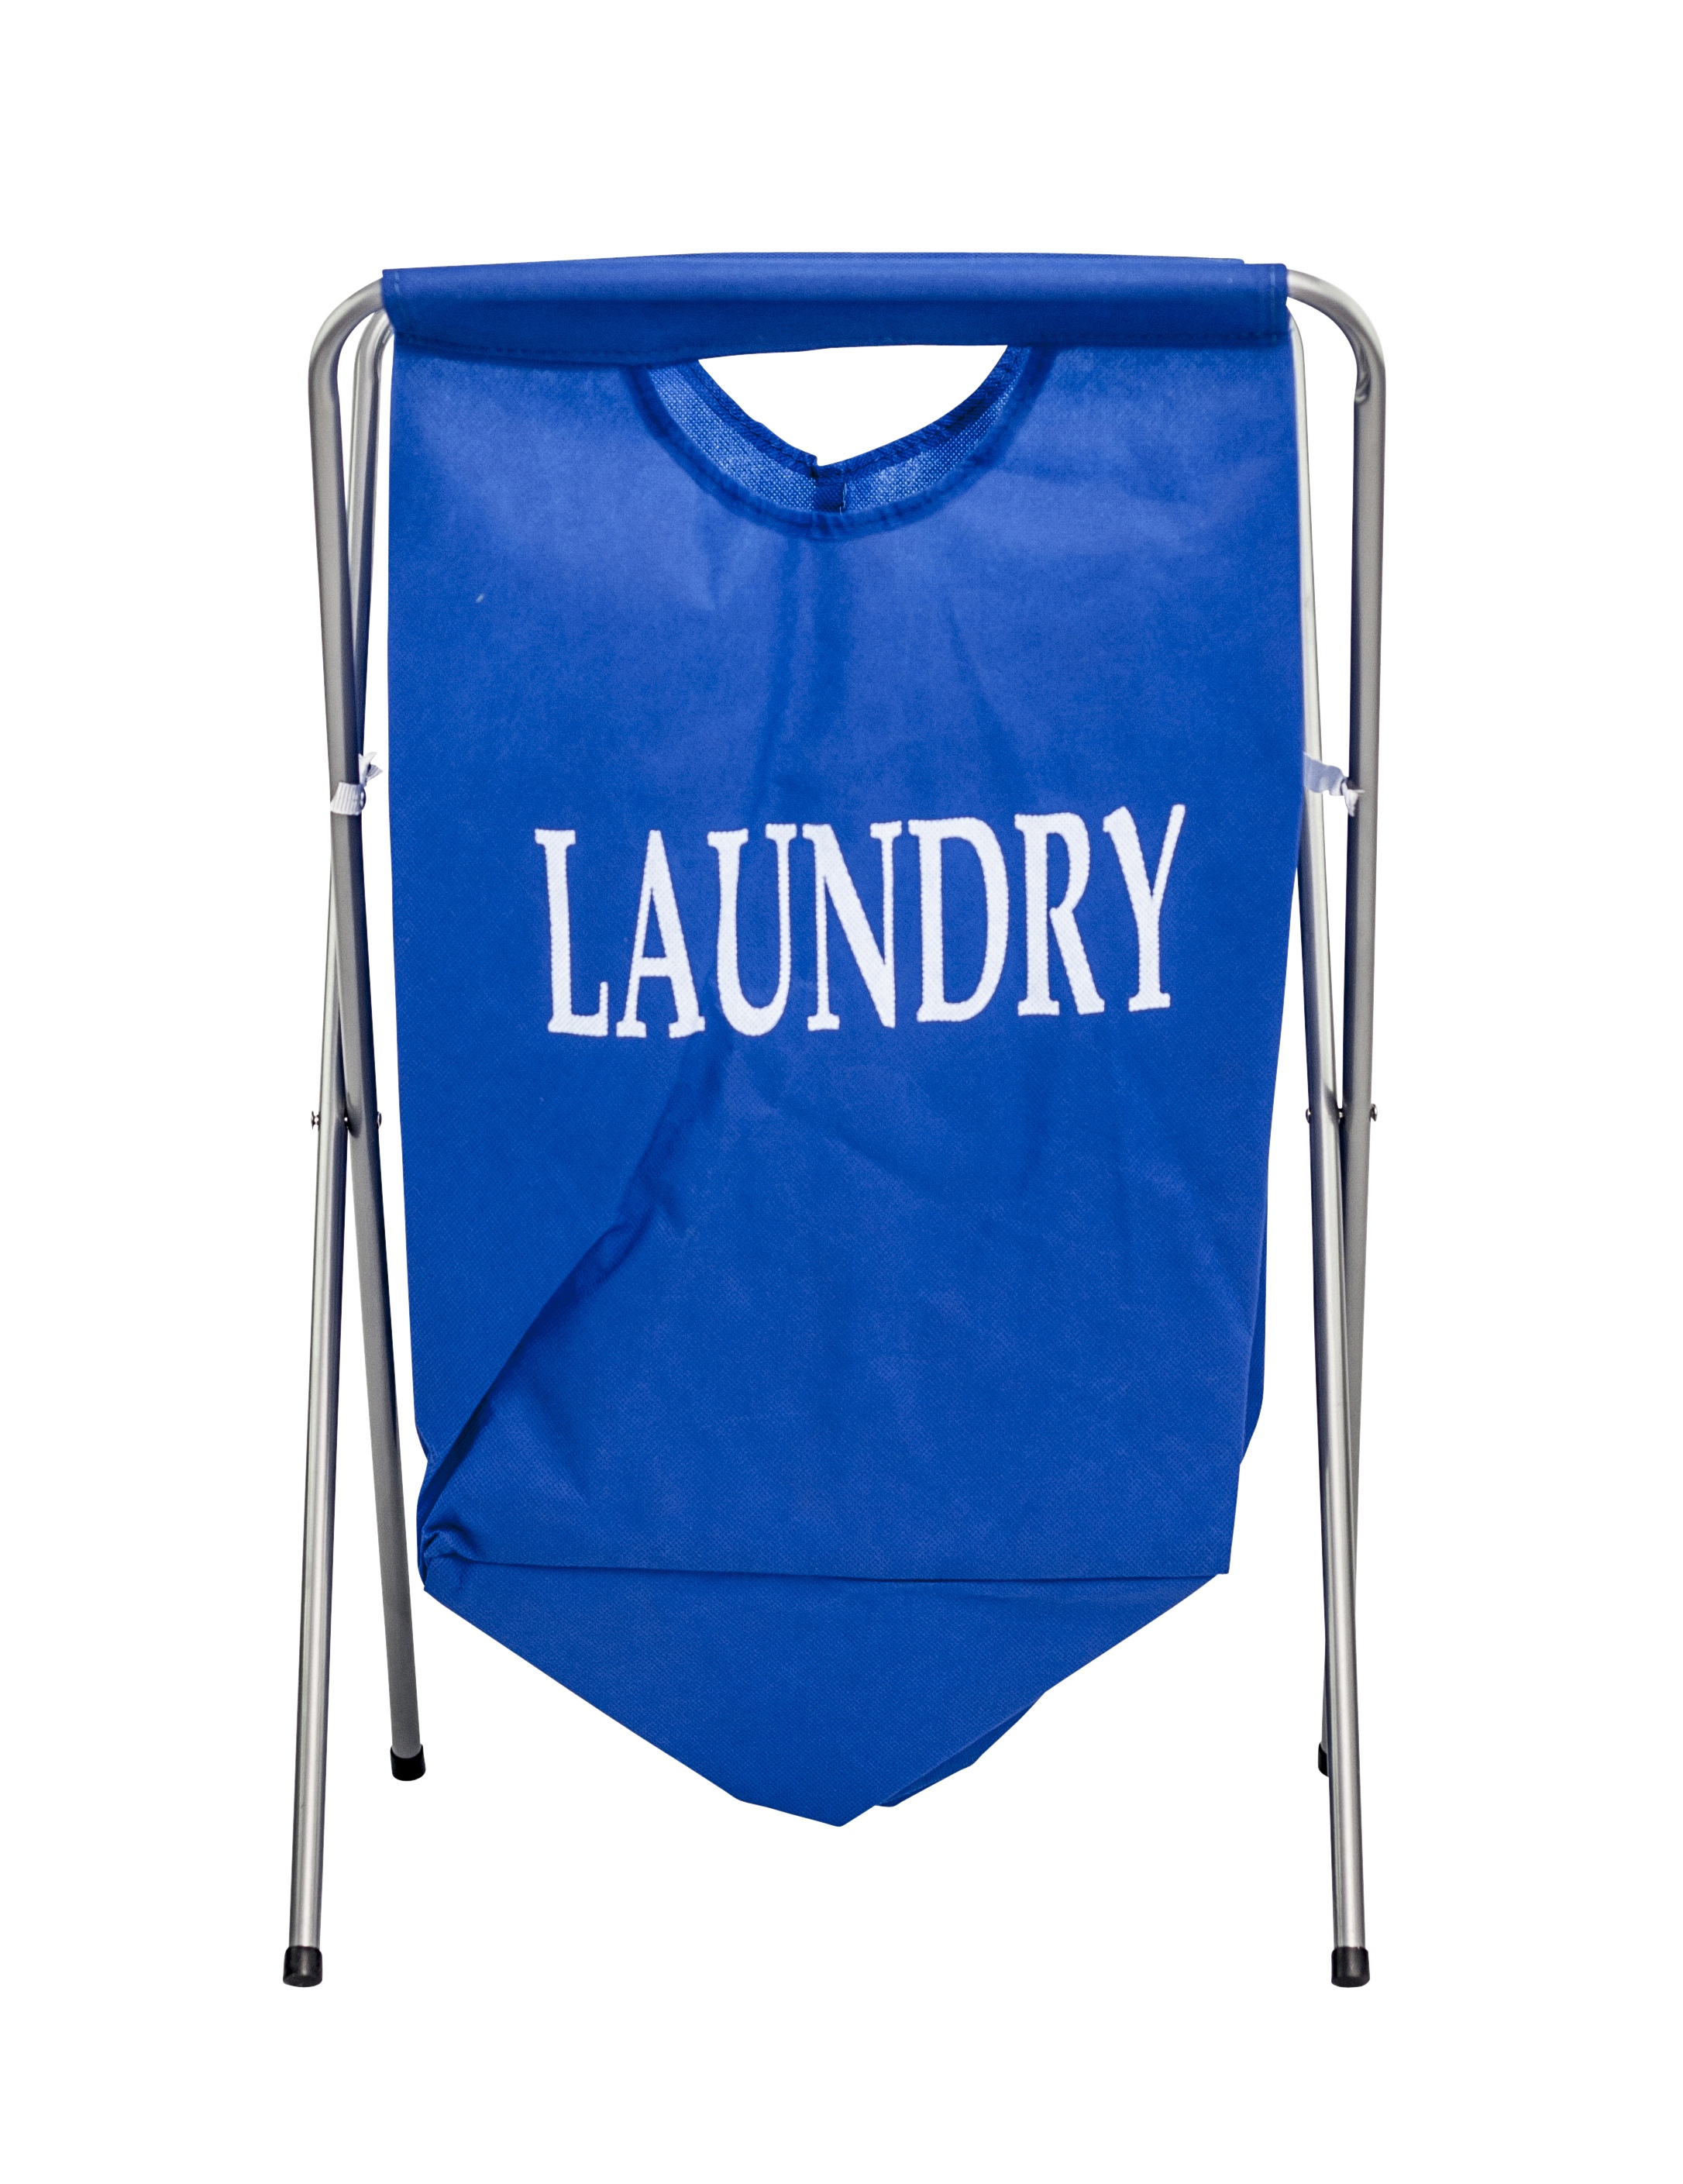 Laundry hamper basket bag storage metal frame bin light weight folding clothes - Laundry basket lights darks colours ...